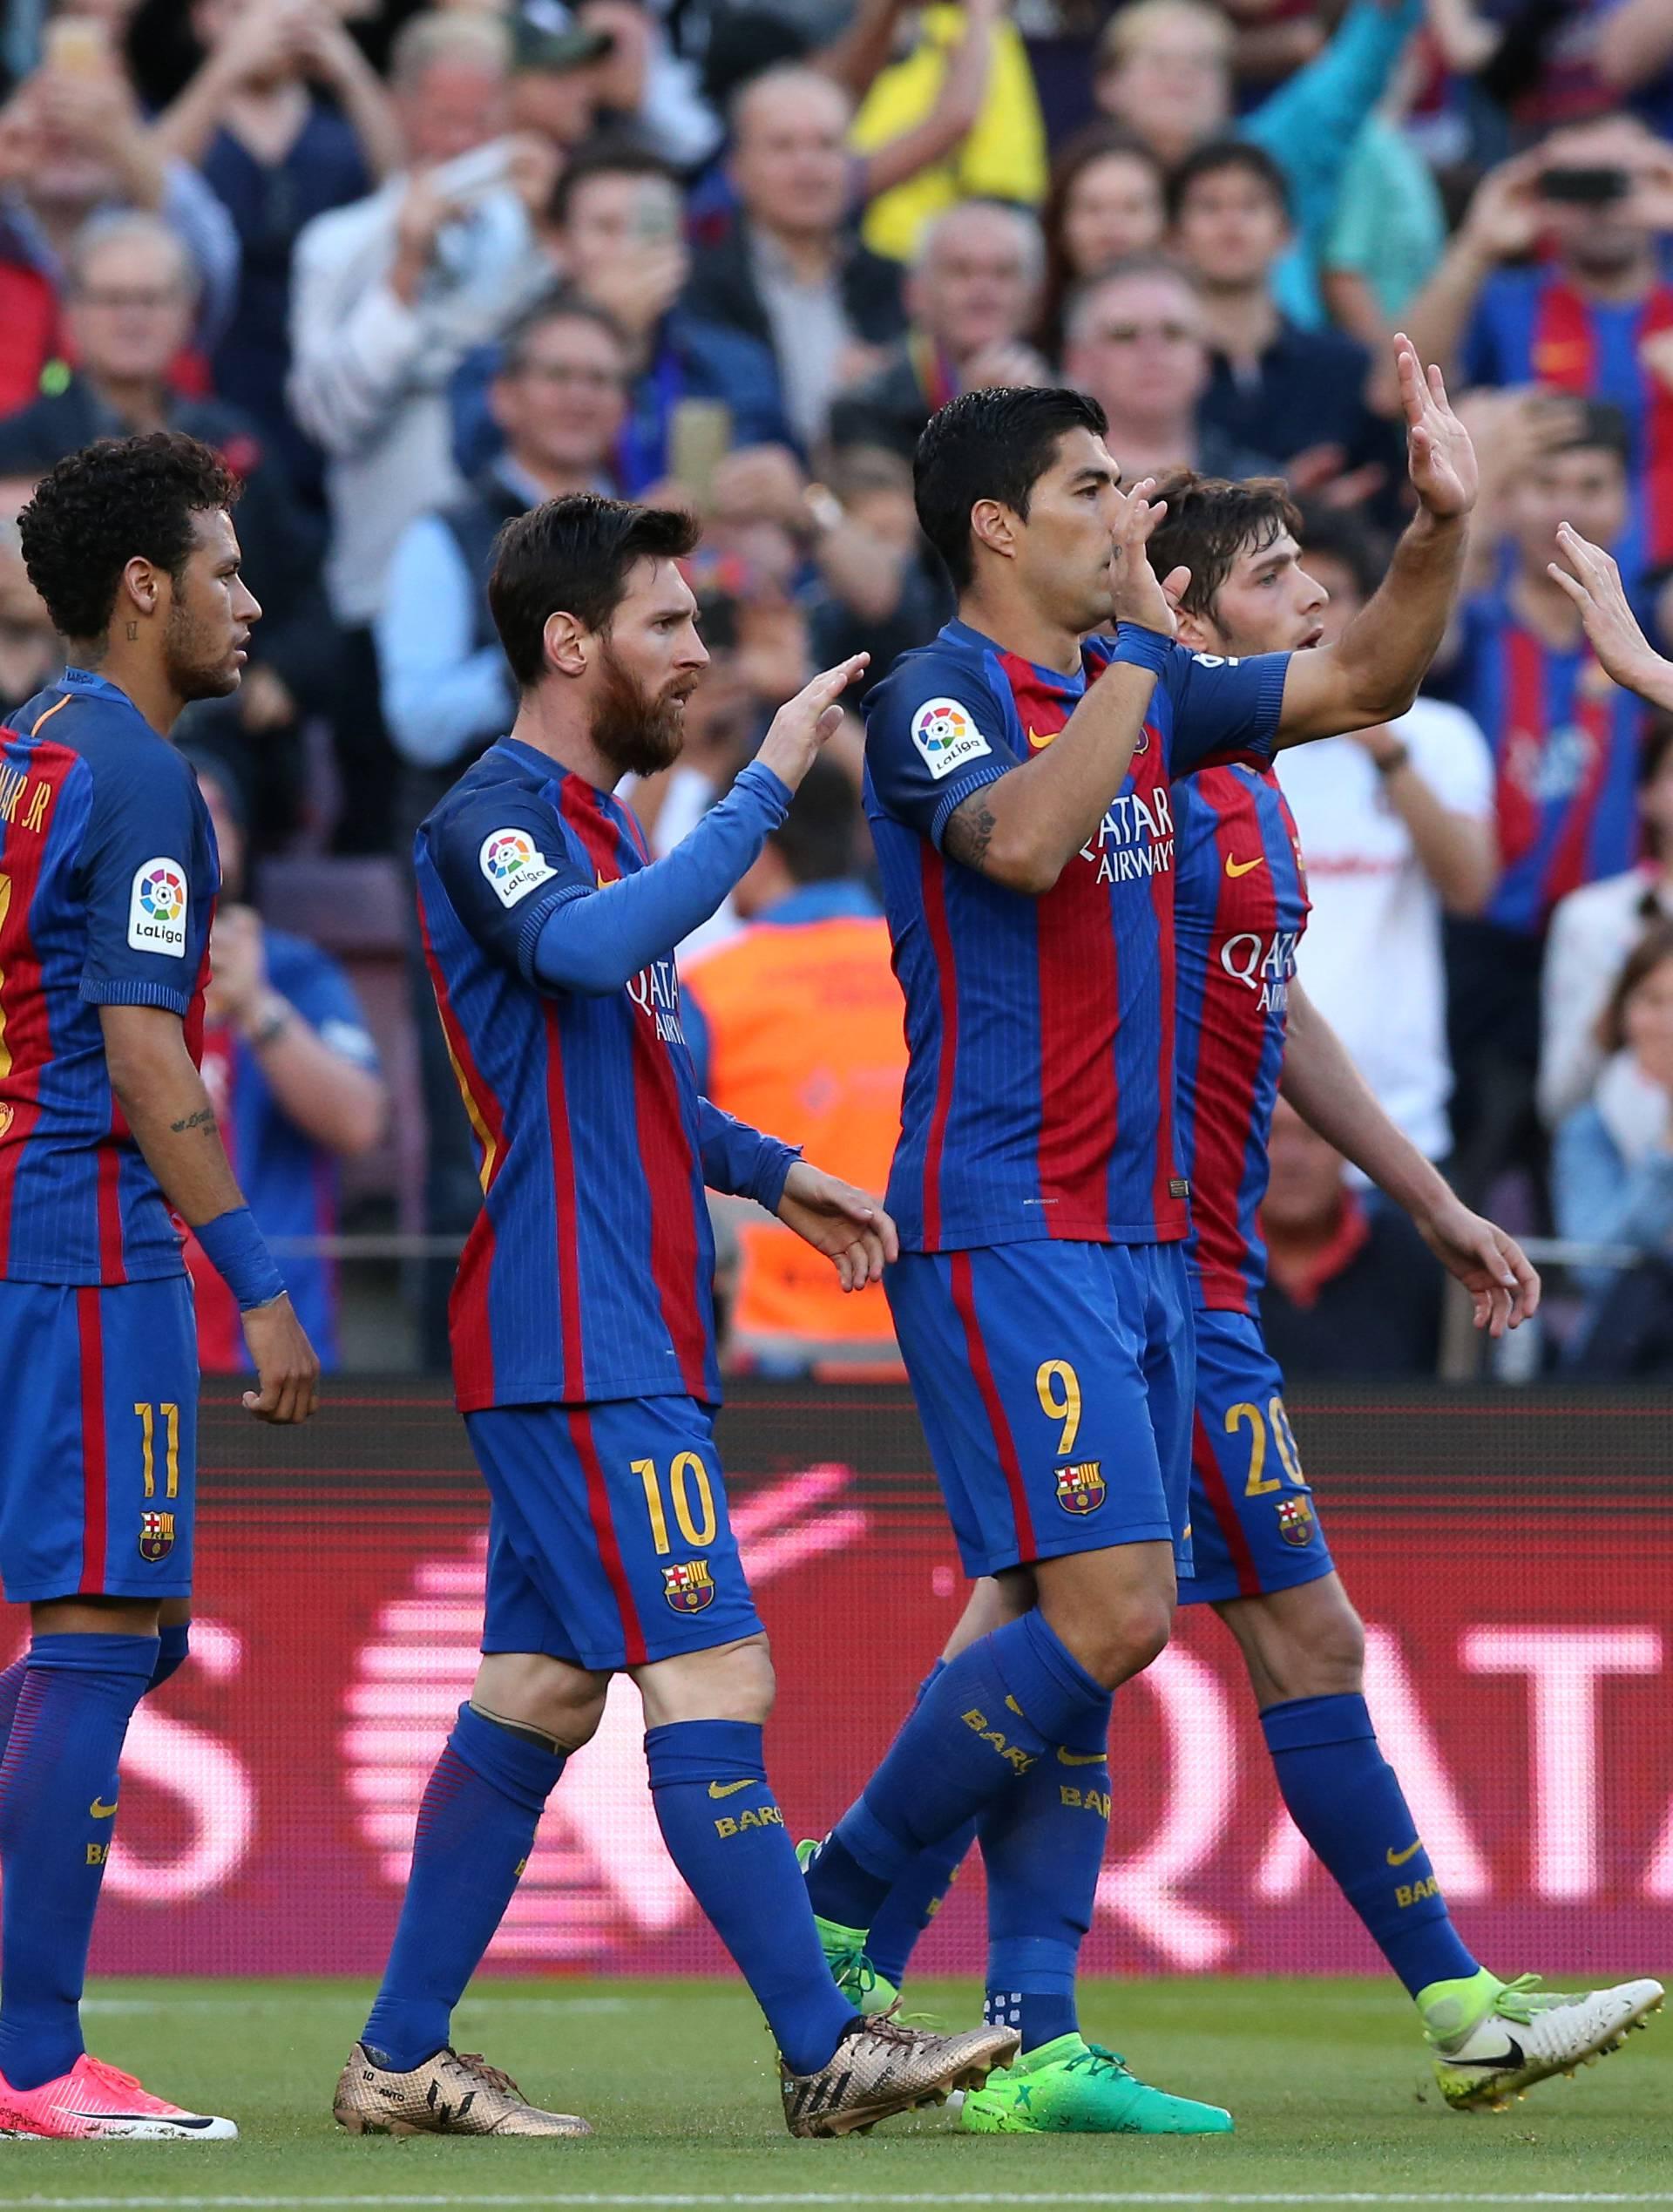 Soccer Football - Barcelona v Villarreal - Spanish La Liga Santander - Camp Nou stadium